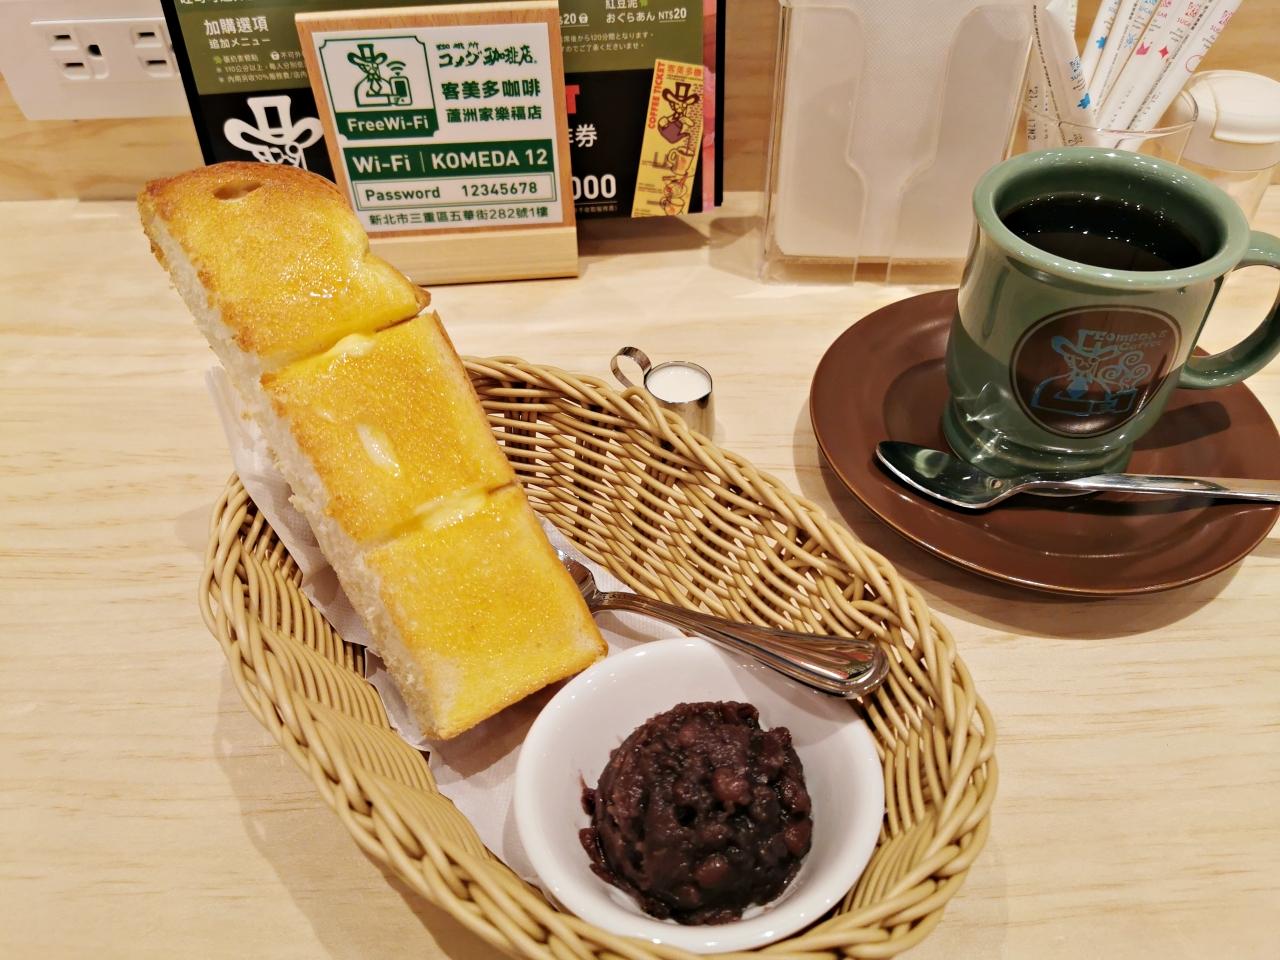 三重咖啡廳:來自名古屋的客美多咖啡 Komeda's Coffee,點飲料送早餐-蘆洲家樂福店